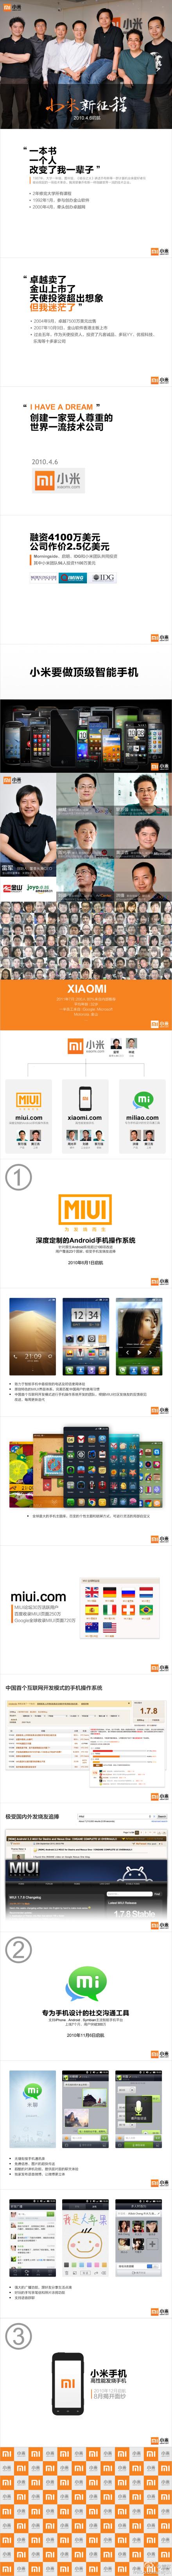 스마트폰 커스텀롬 유명 팀 中 `MIUI`, 폰 직접 만든다...오는 16일 공식발표 선언